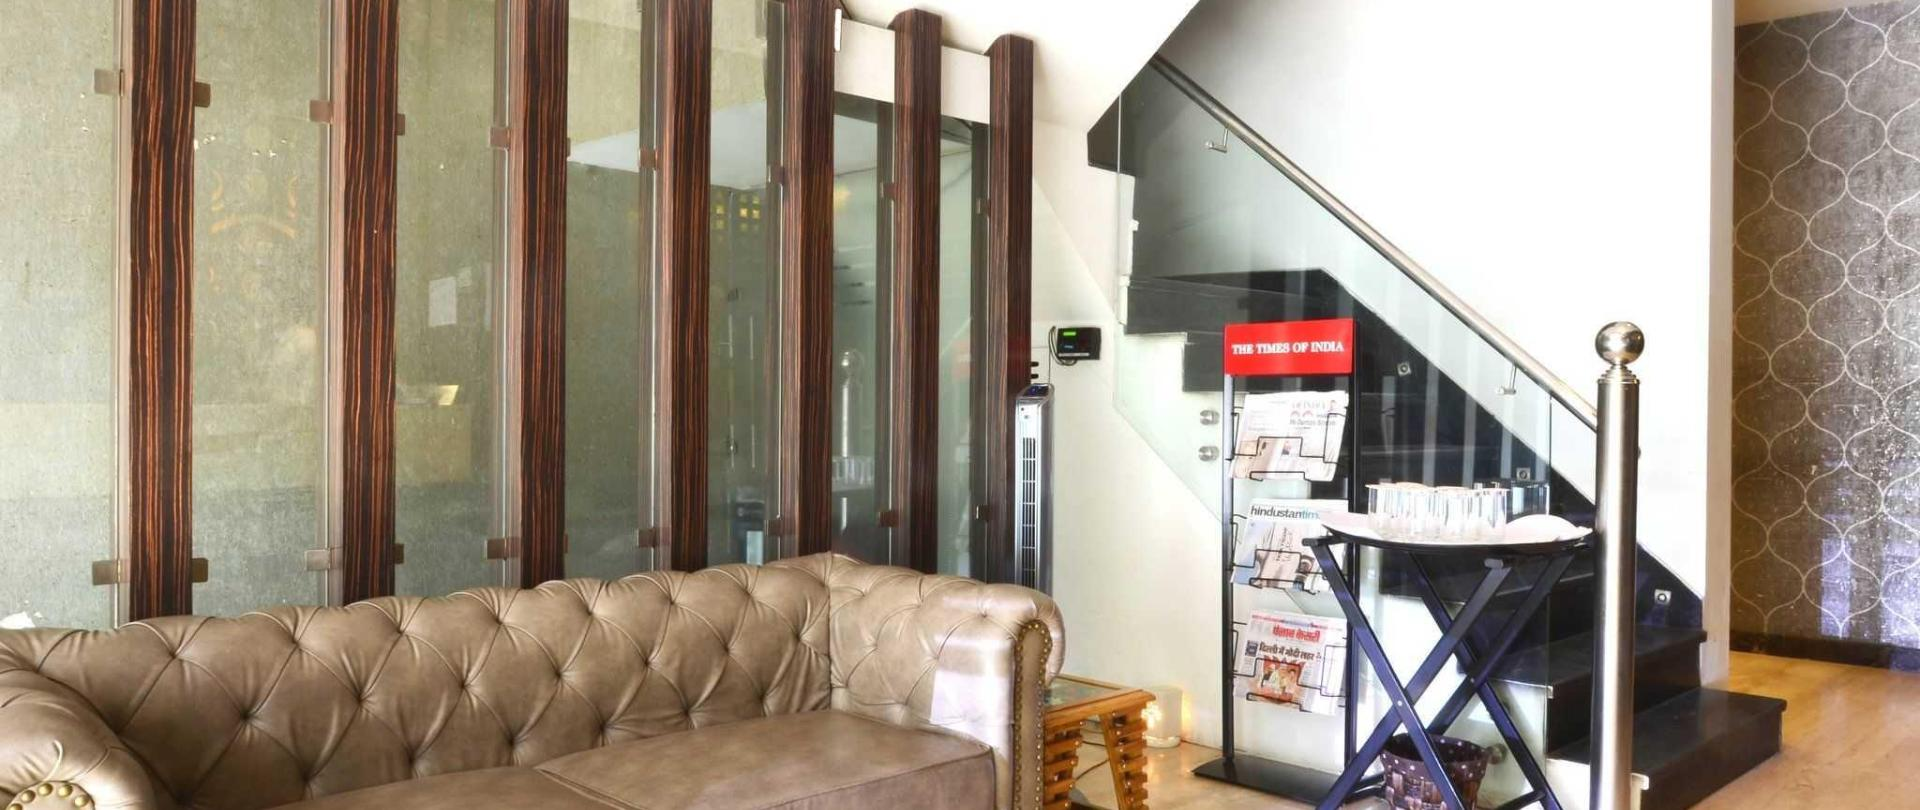 hotel-metro-view-in-delhi-1.JPG